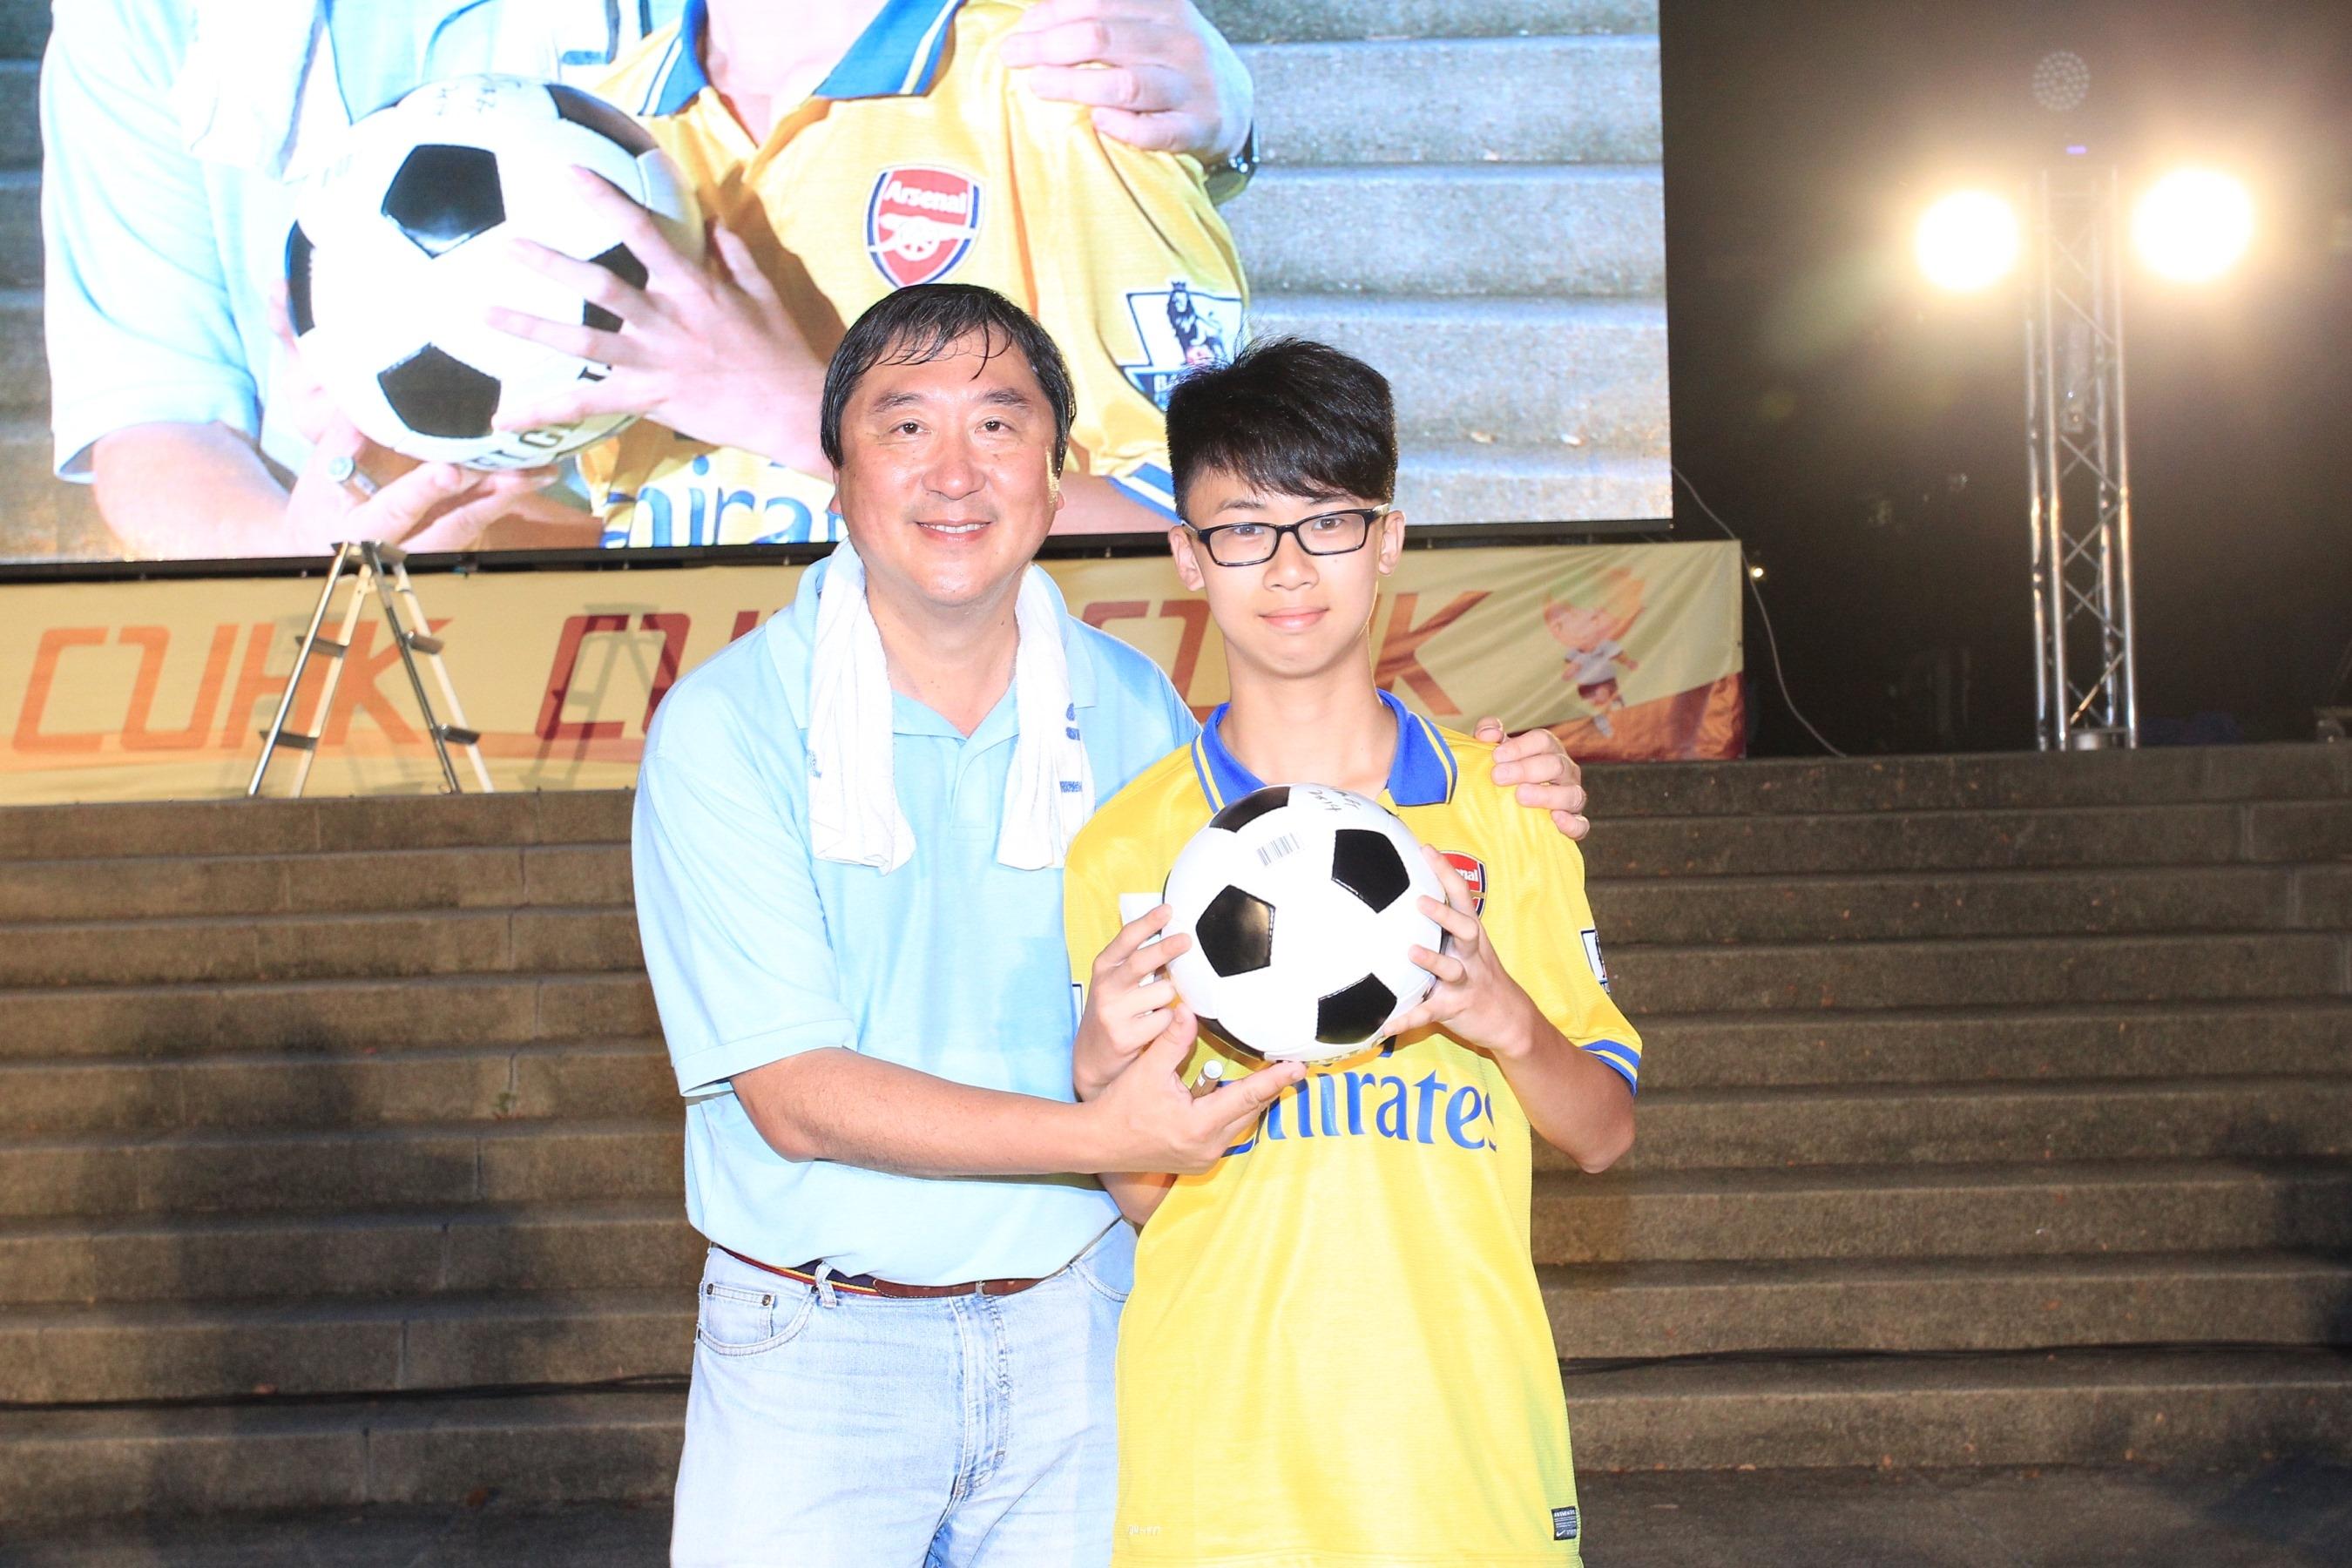 沈校长送出亲笔签名的足球予幸运儿。